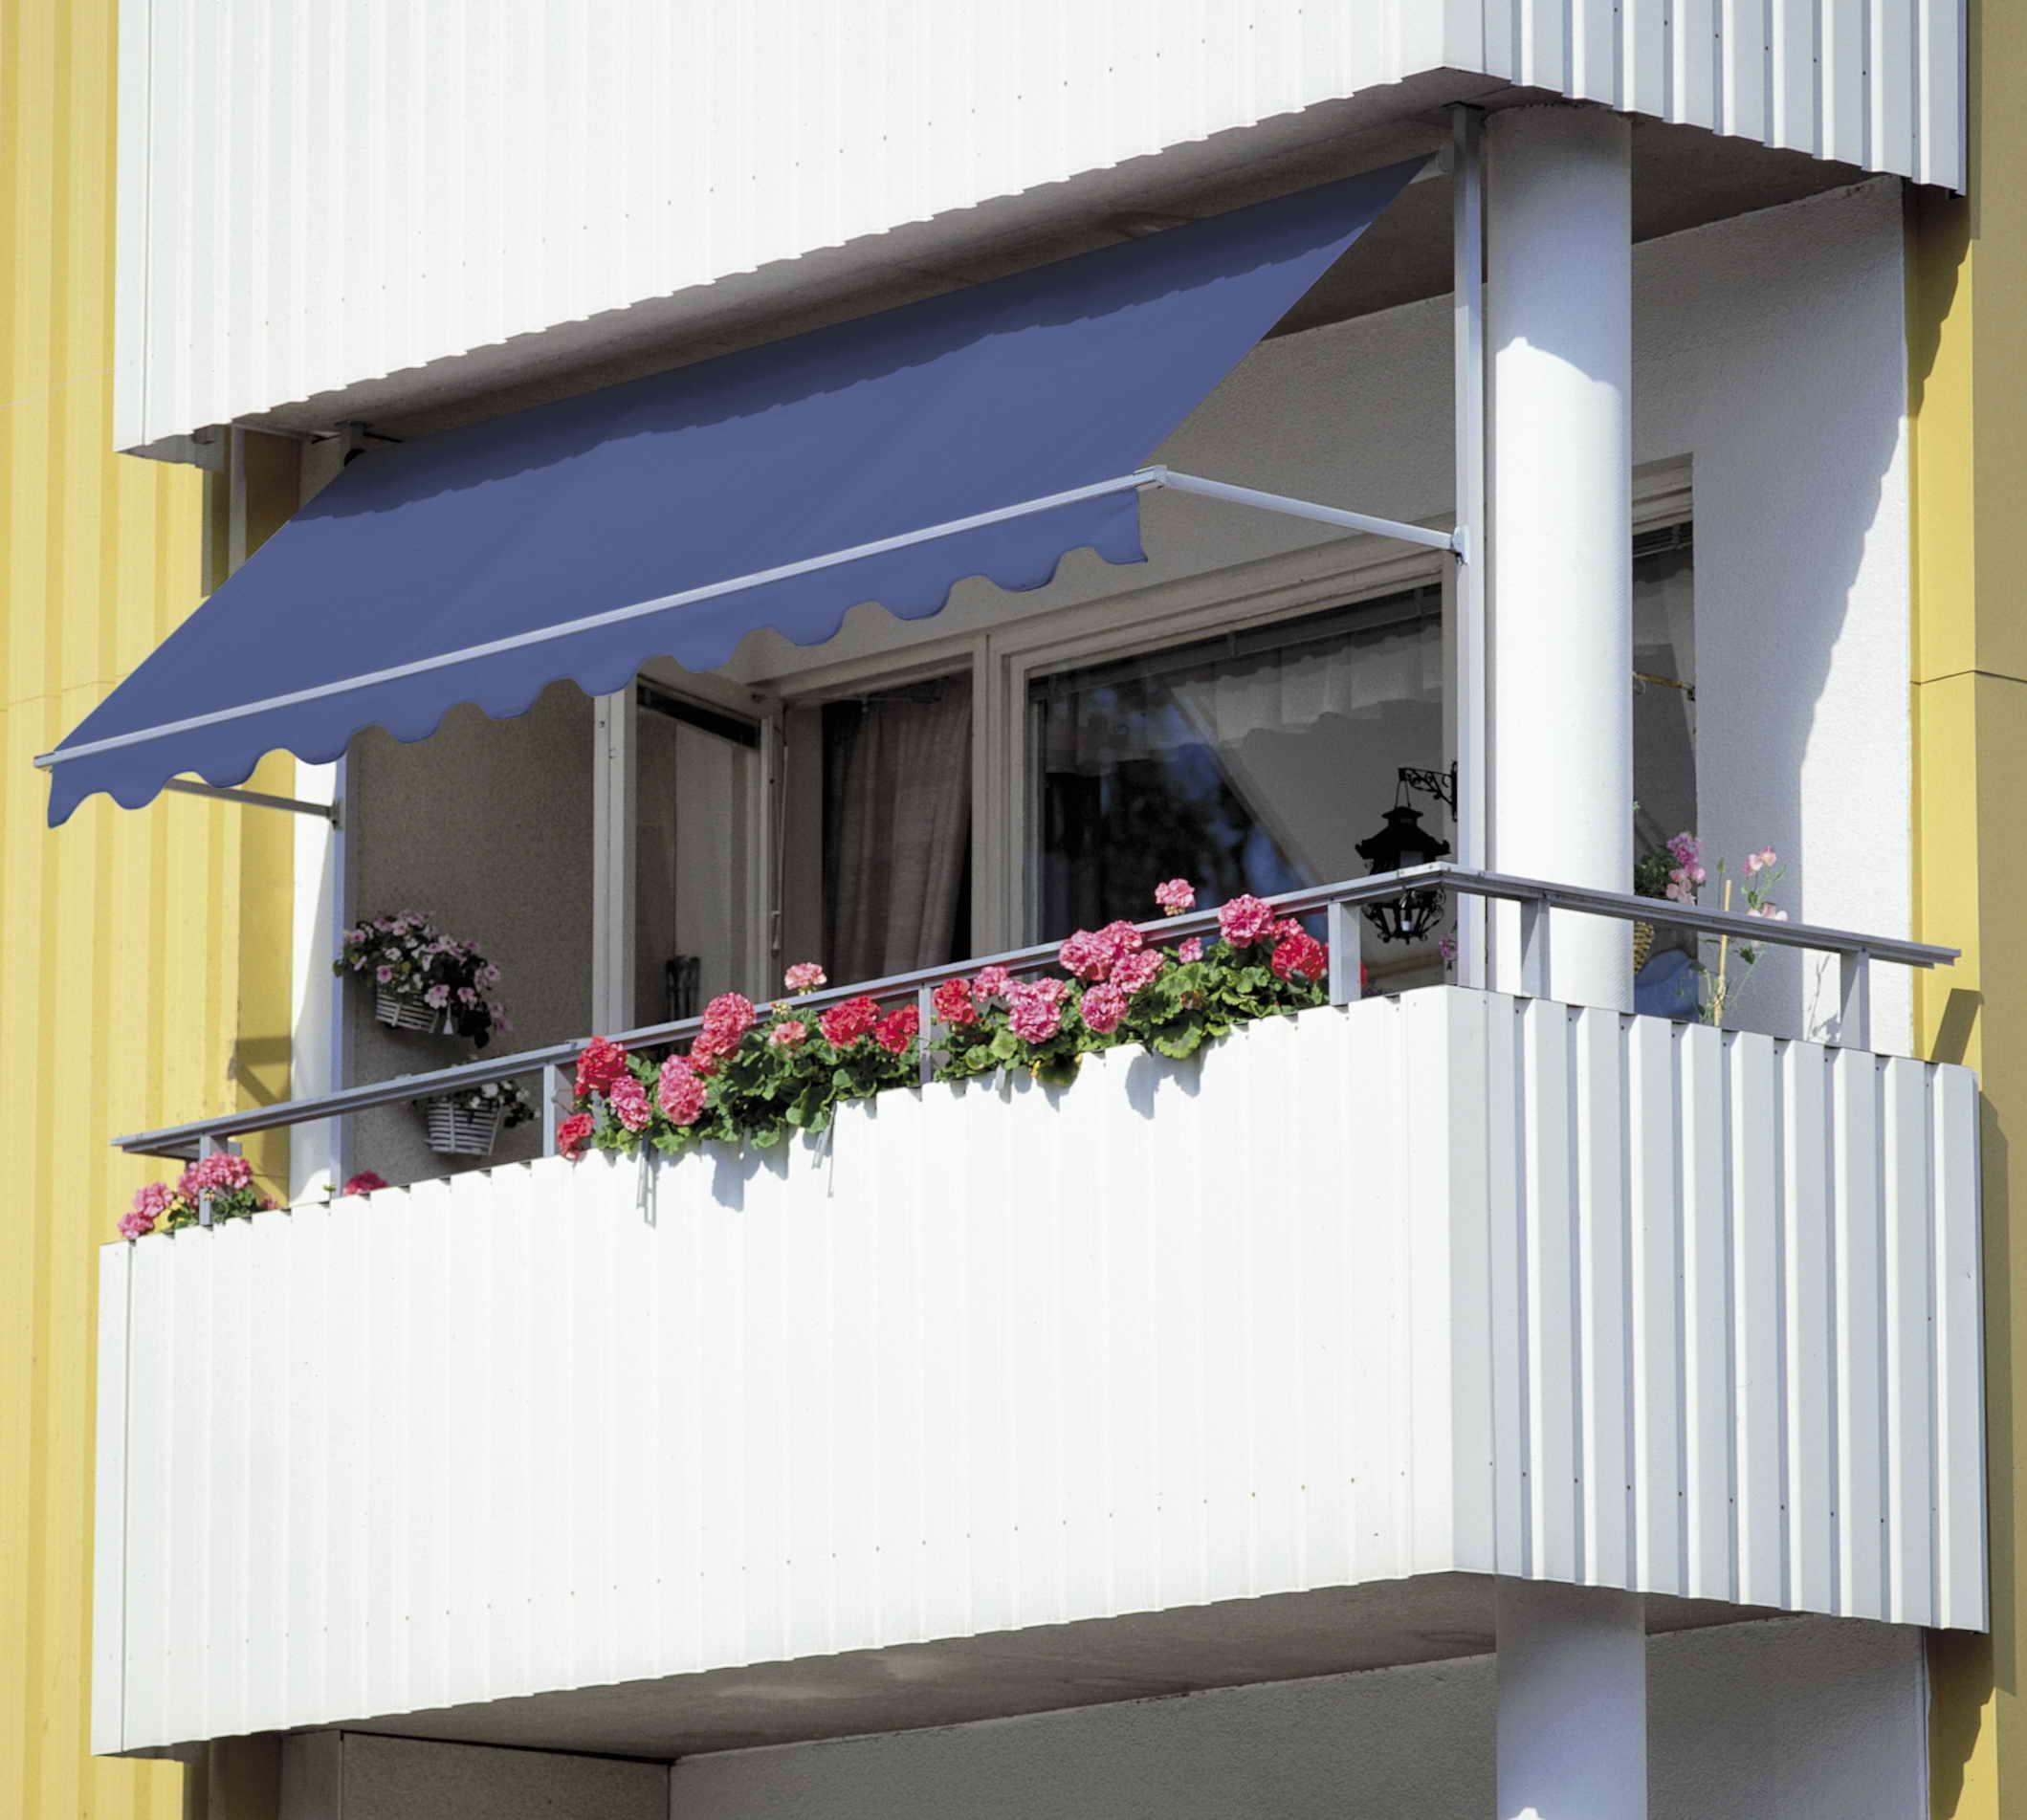 Как своими руками сделать козырек на балконе фото 4